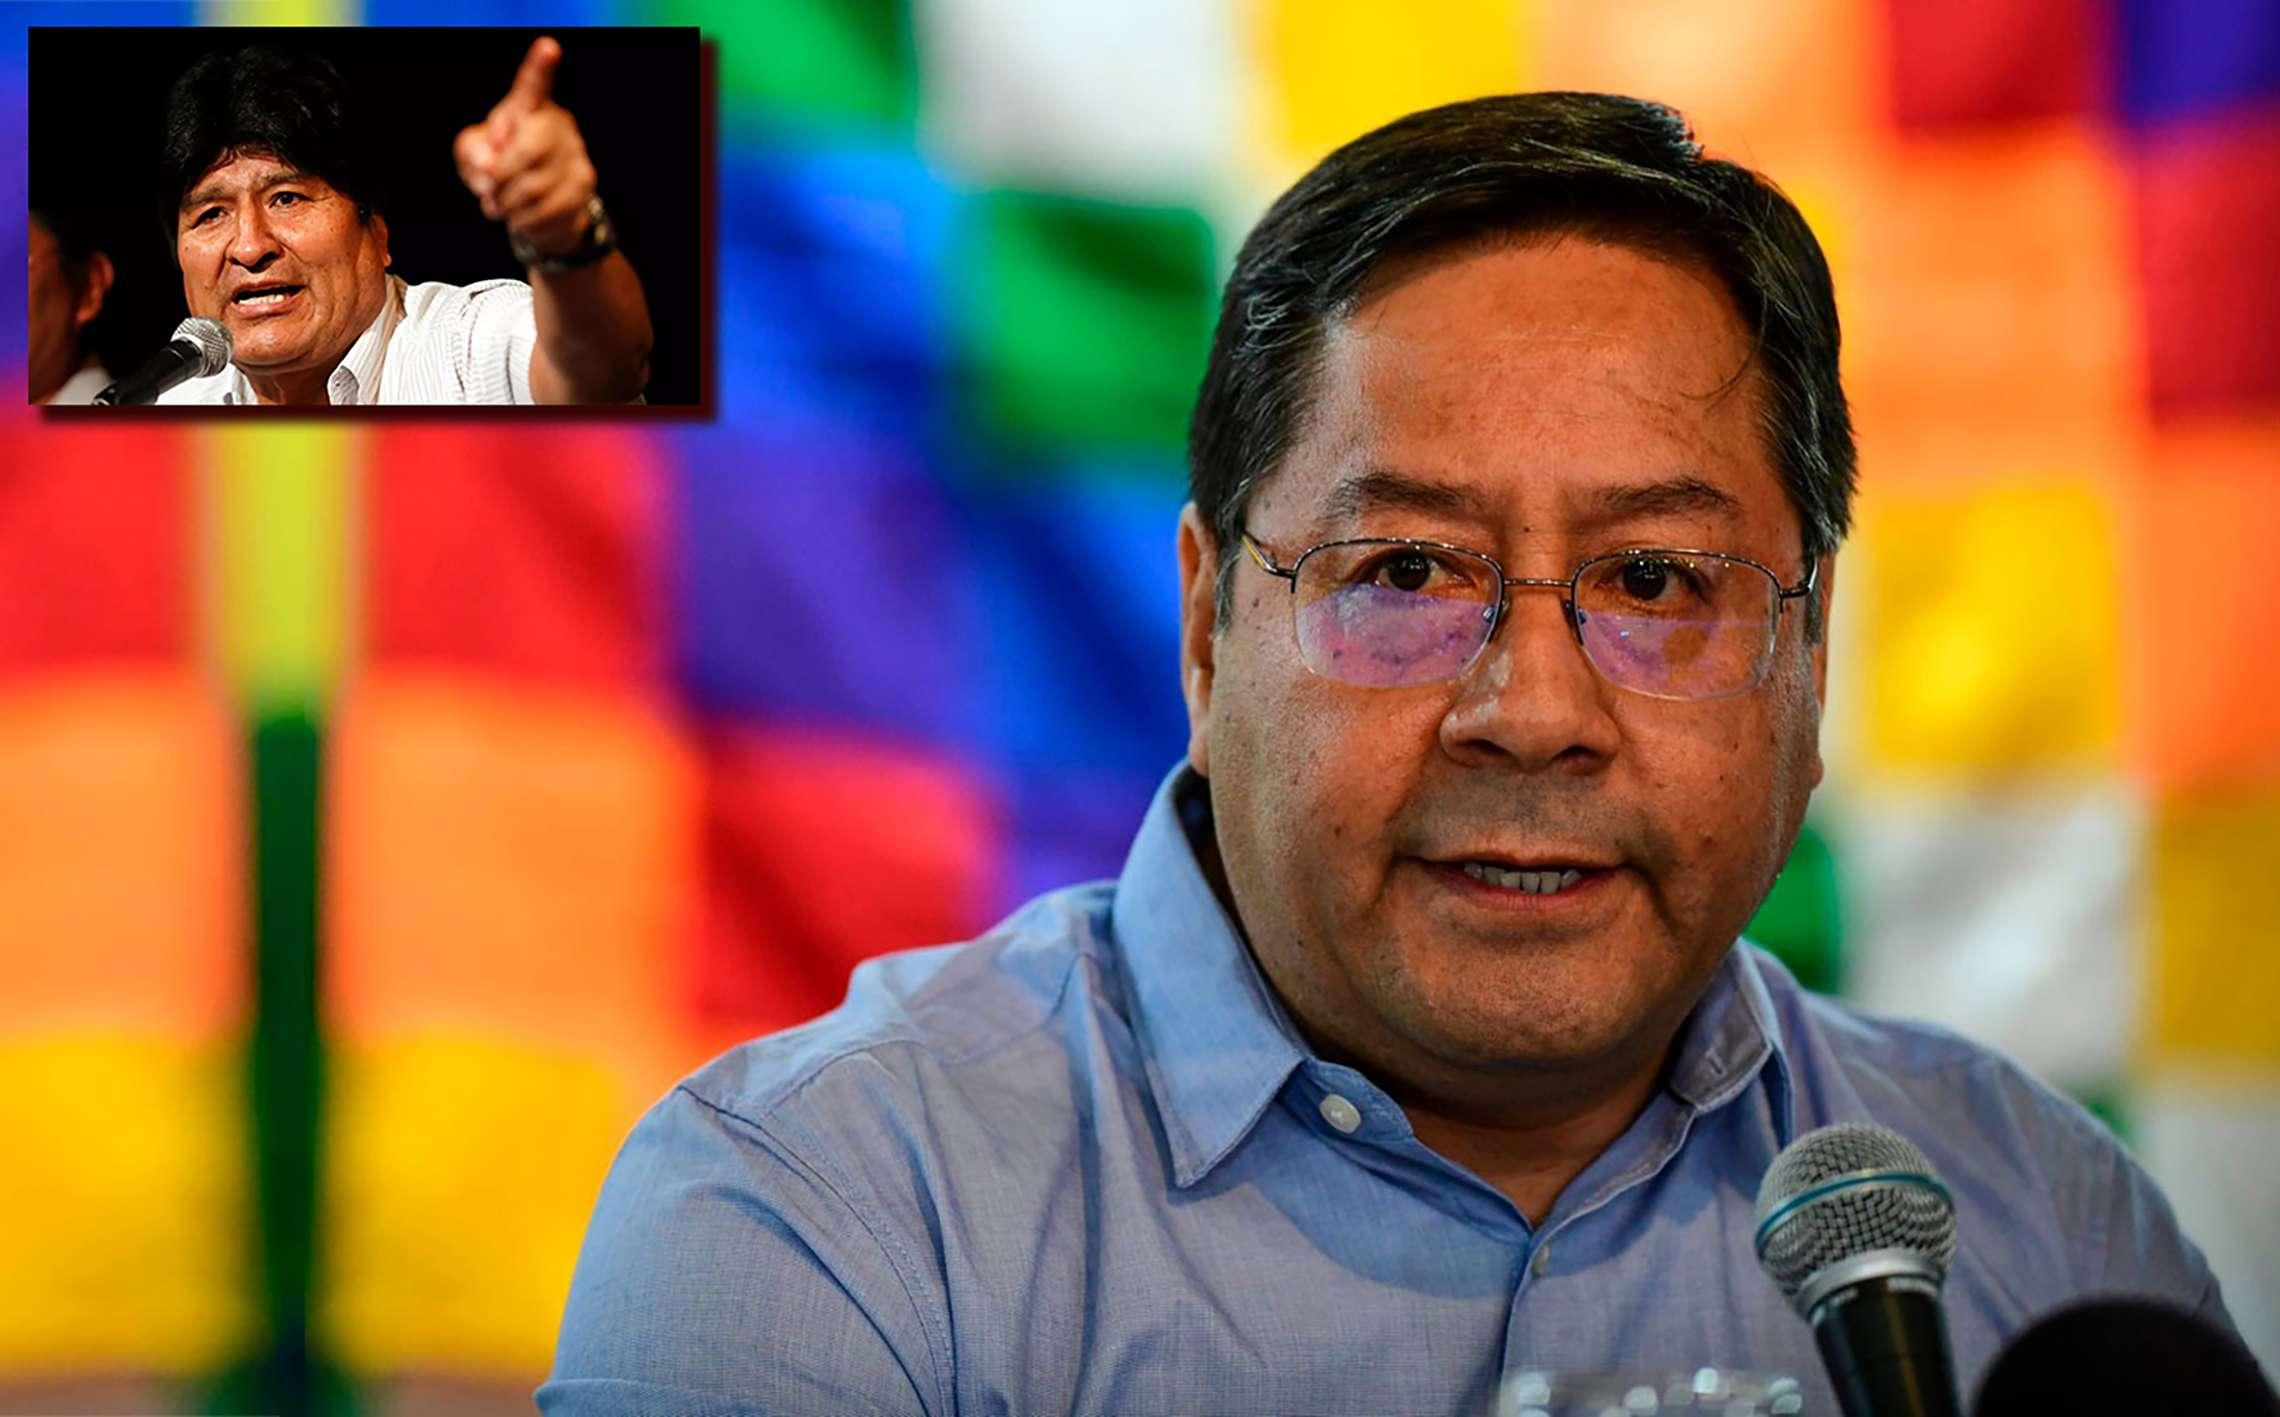 Βολιβία στο κατώφλι εκλογικού πολιτικο στρατιωτικού πραξικοπήματος